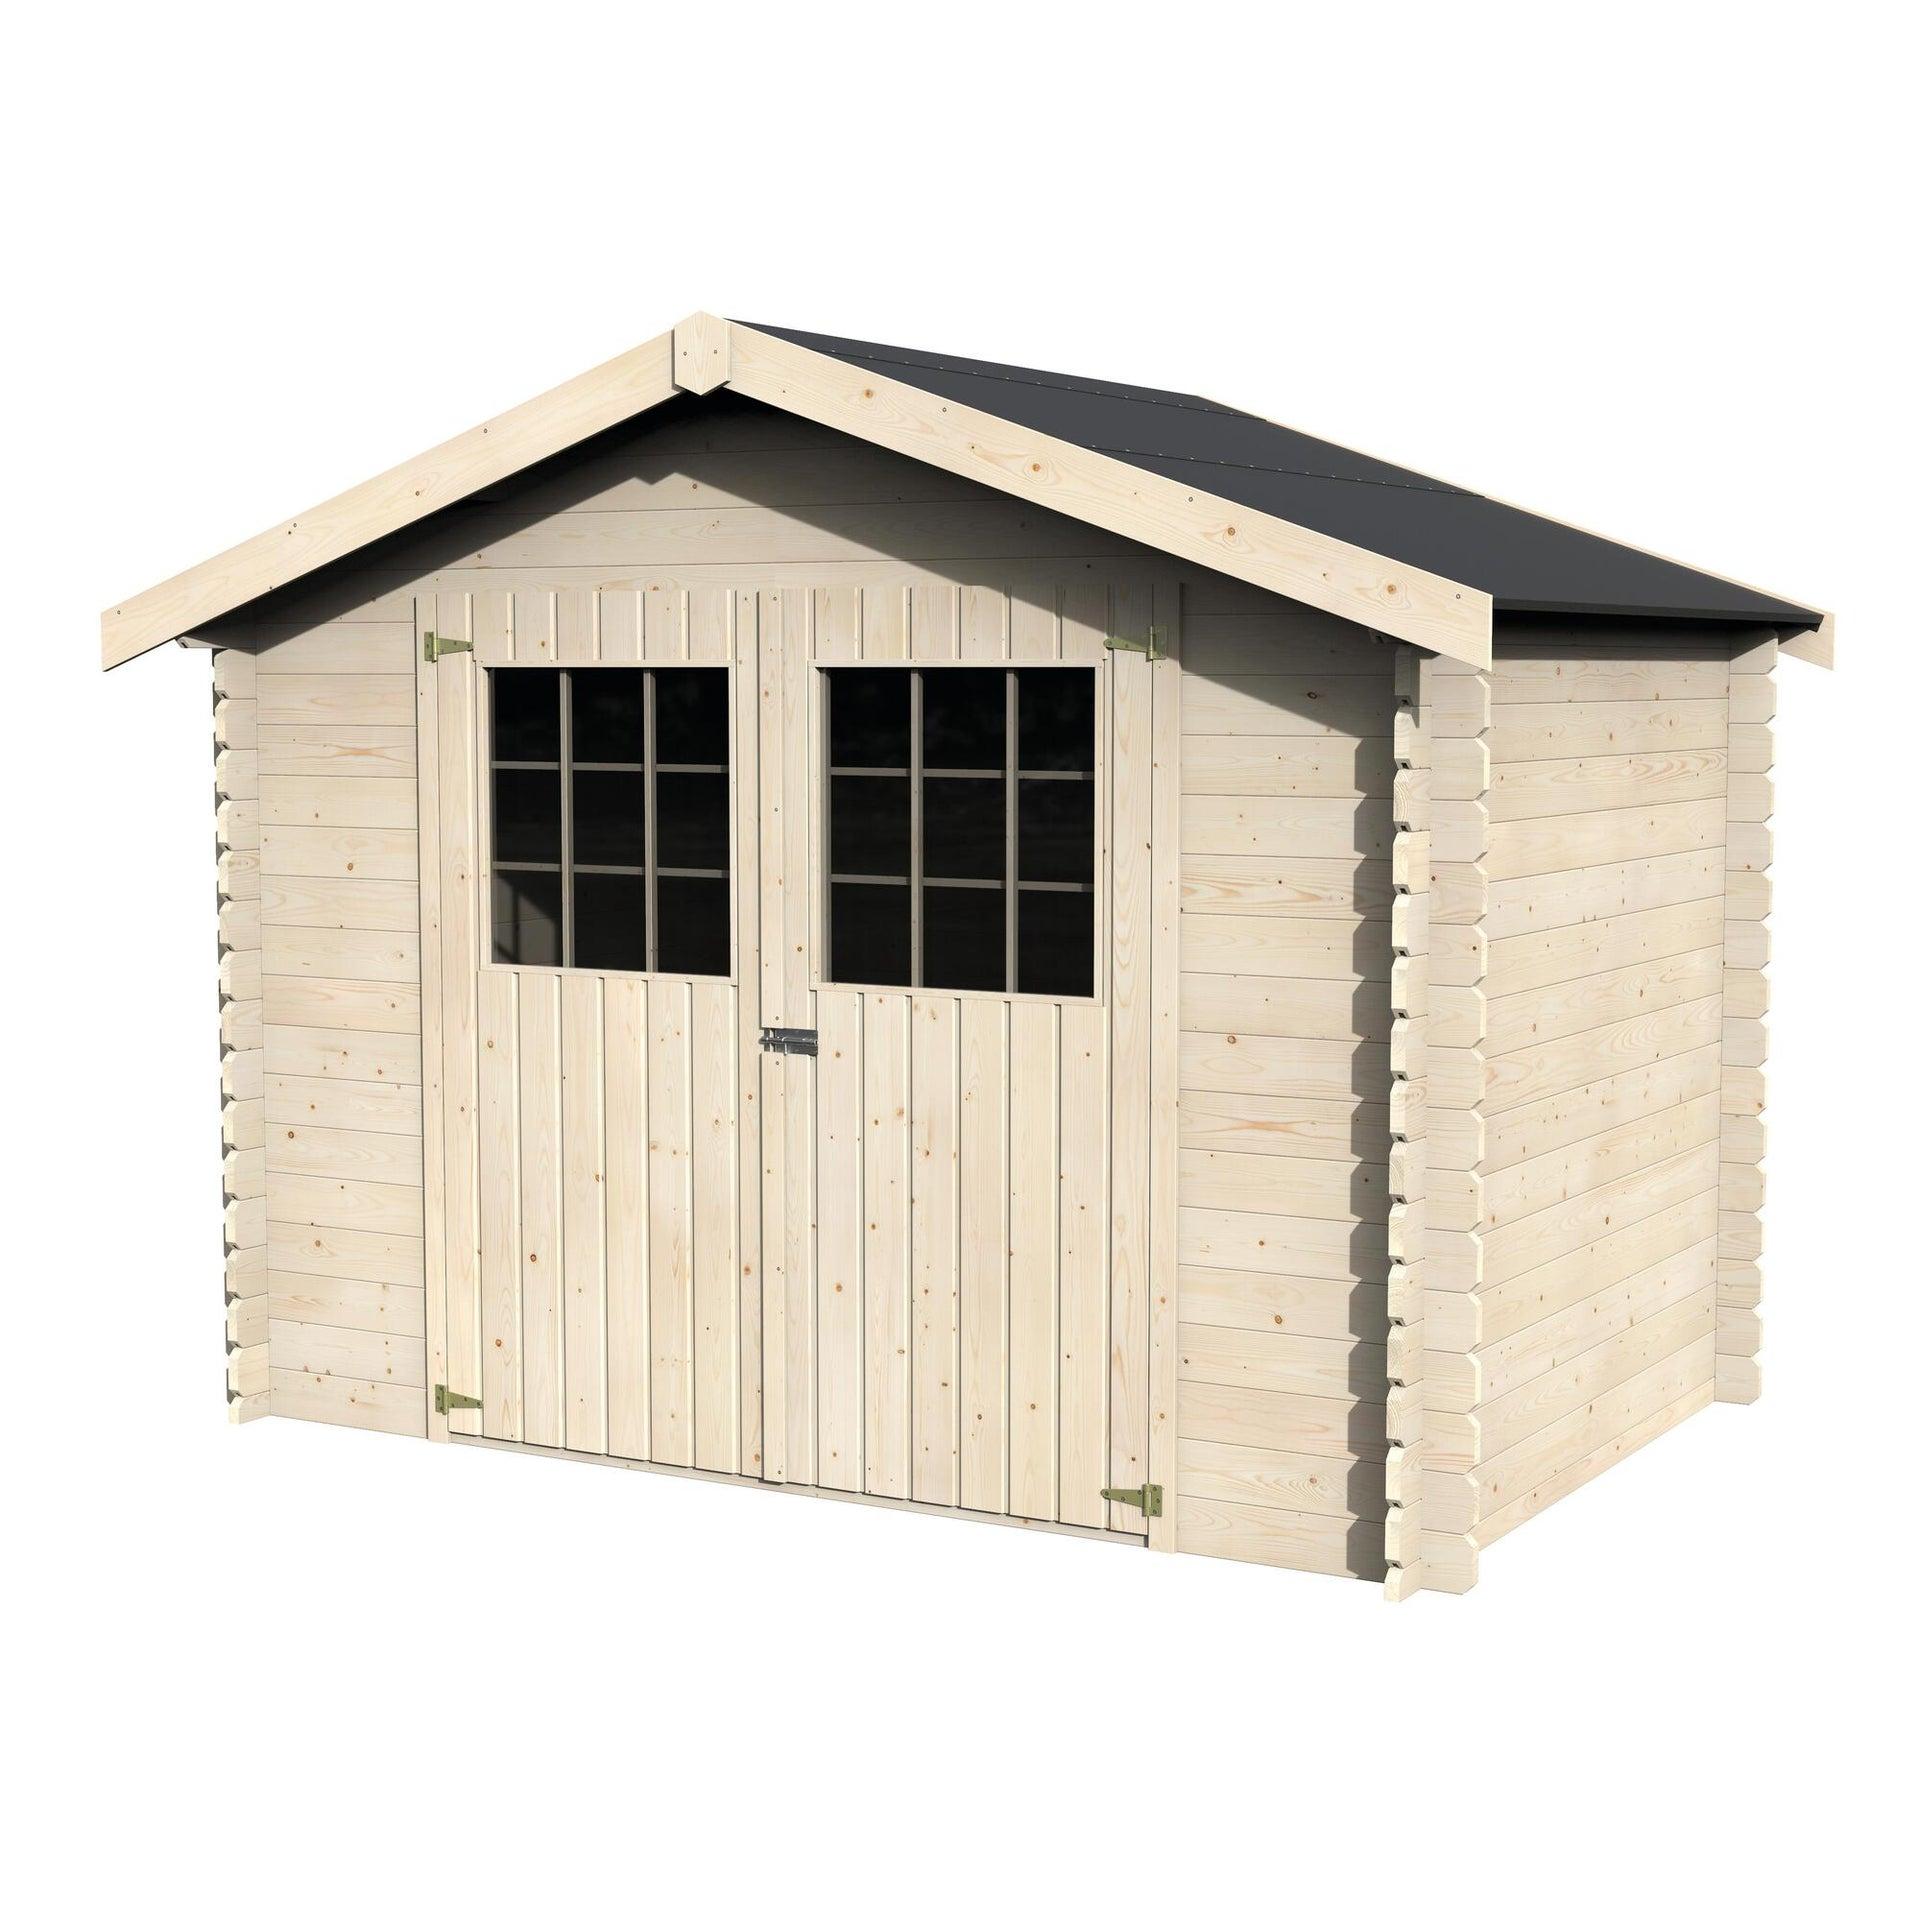 Casetta da giardino in legno Flosova,  superficie interna 4.7 m² e spessore parete 28 mm